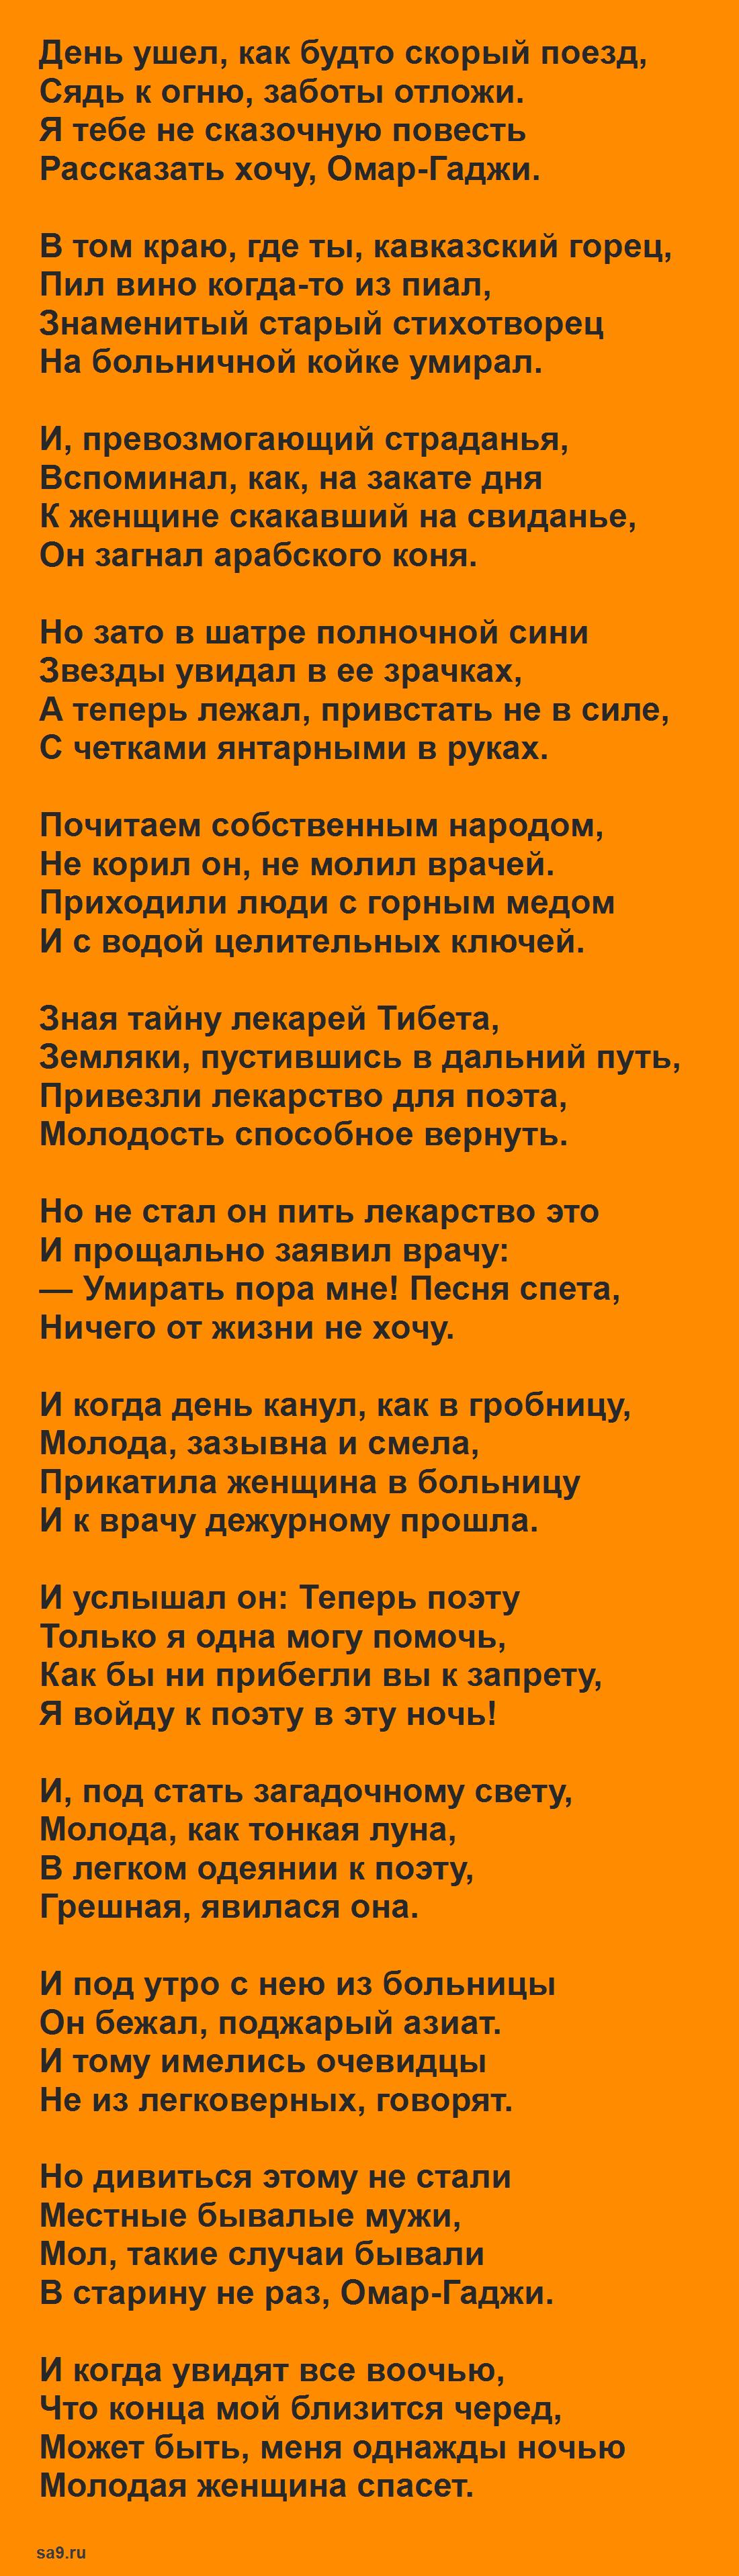 Гамзатов лучшие стихи - Баллада о женщине